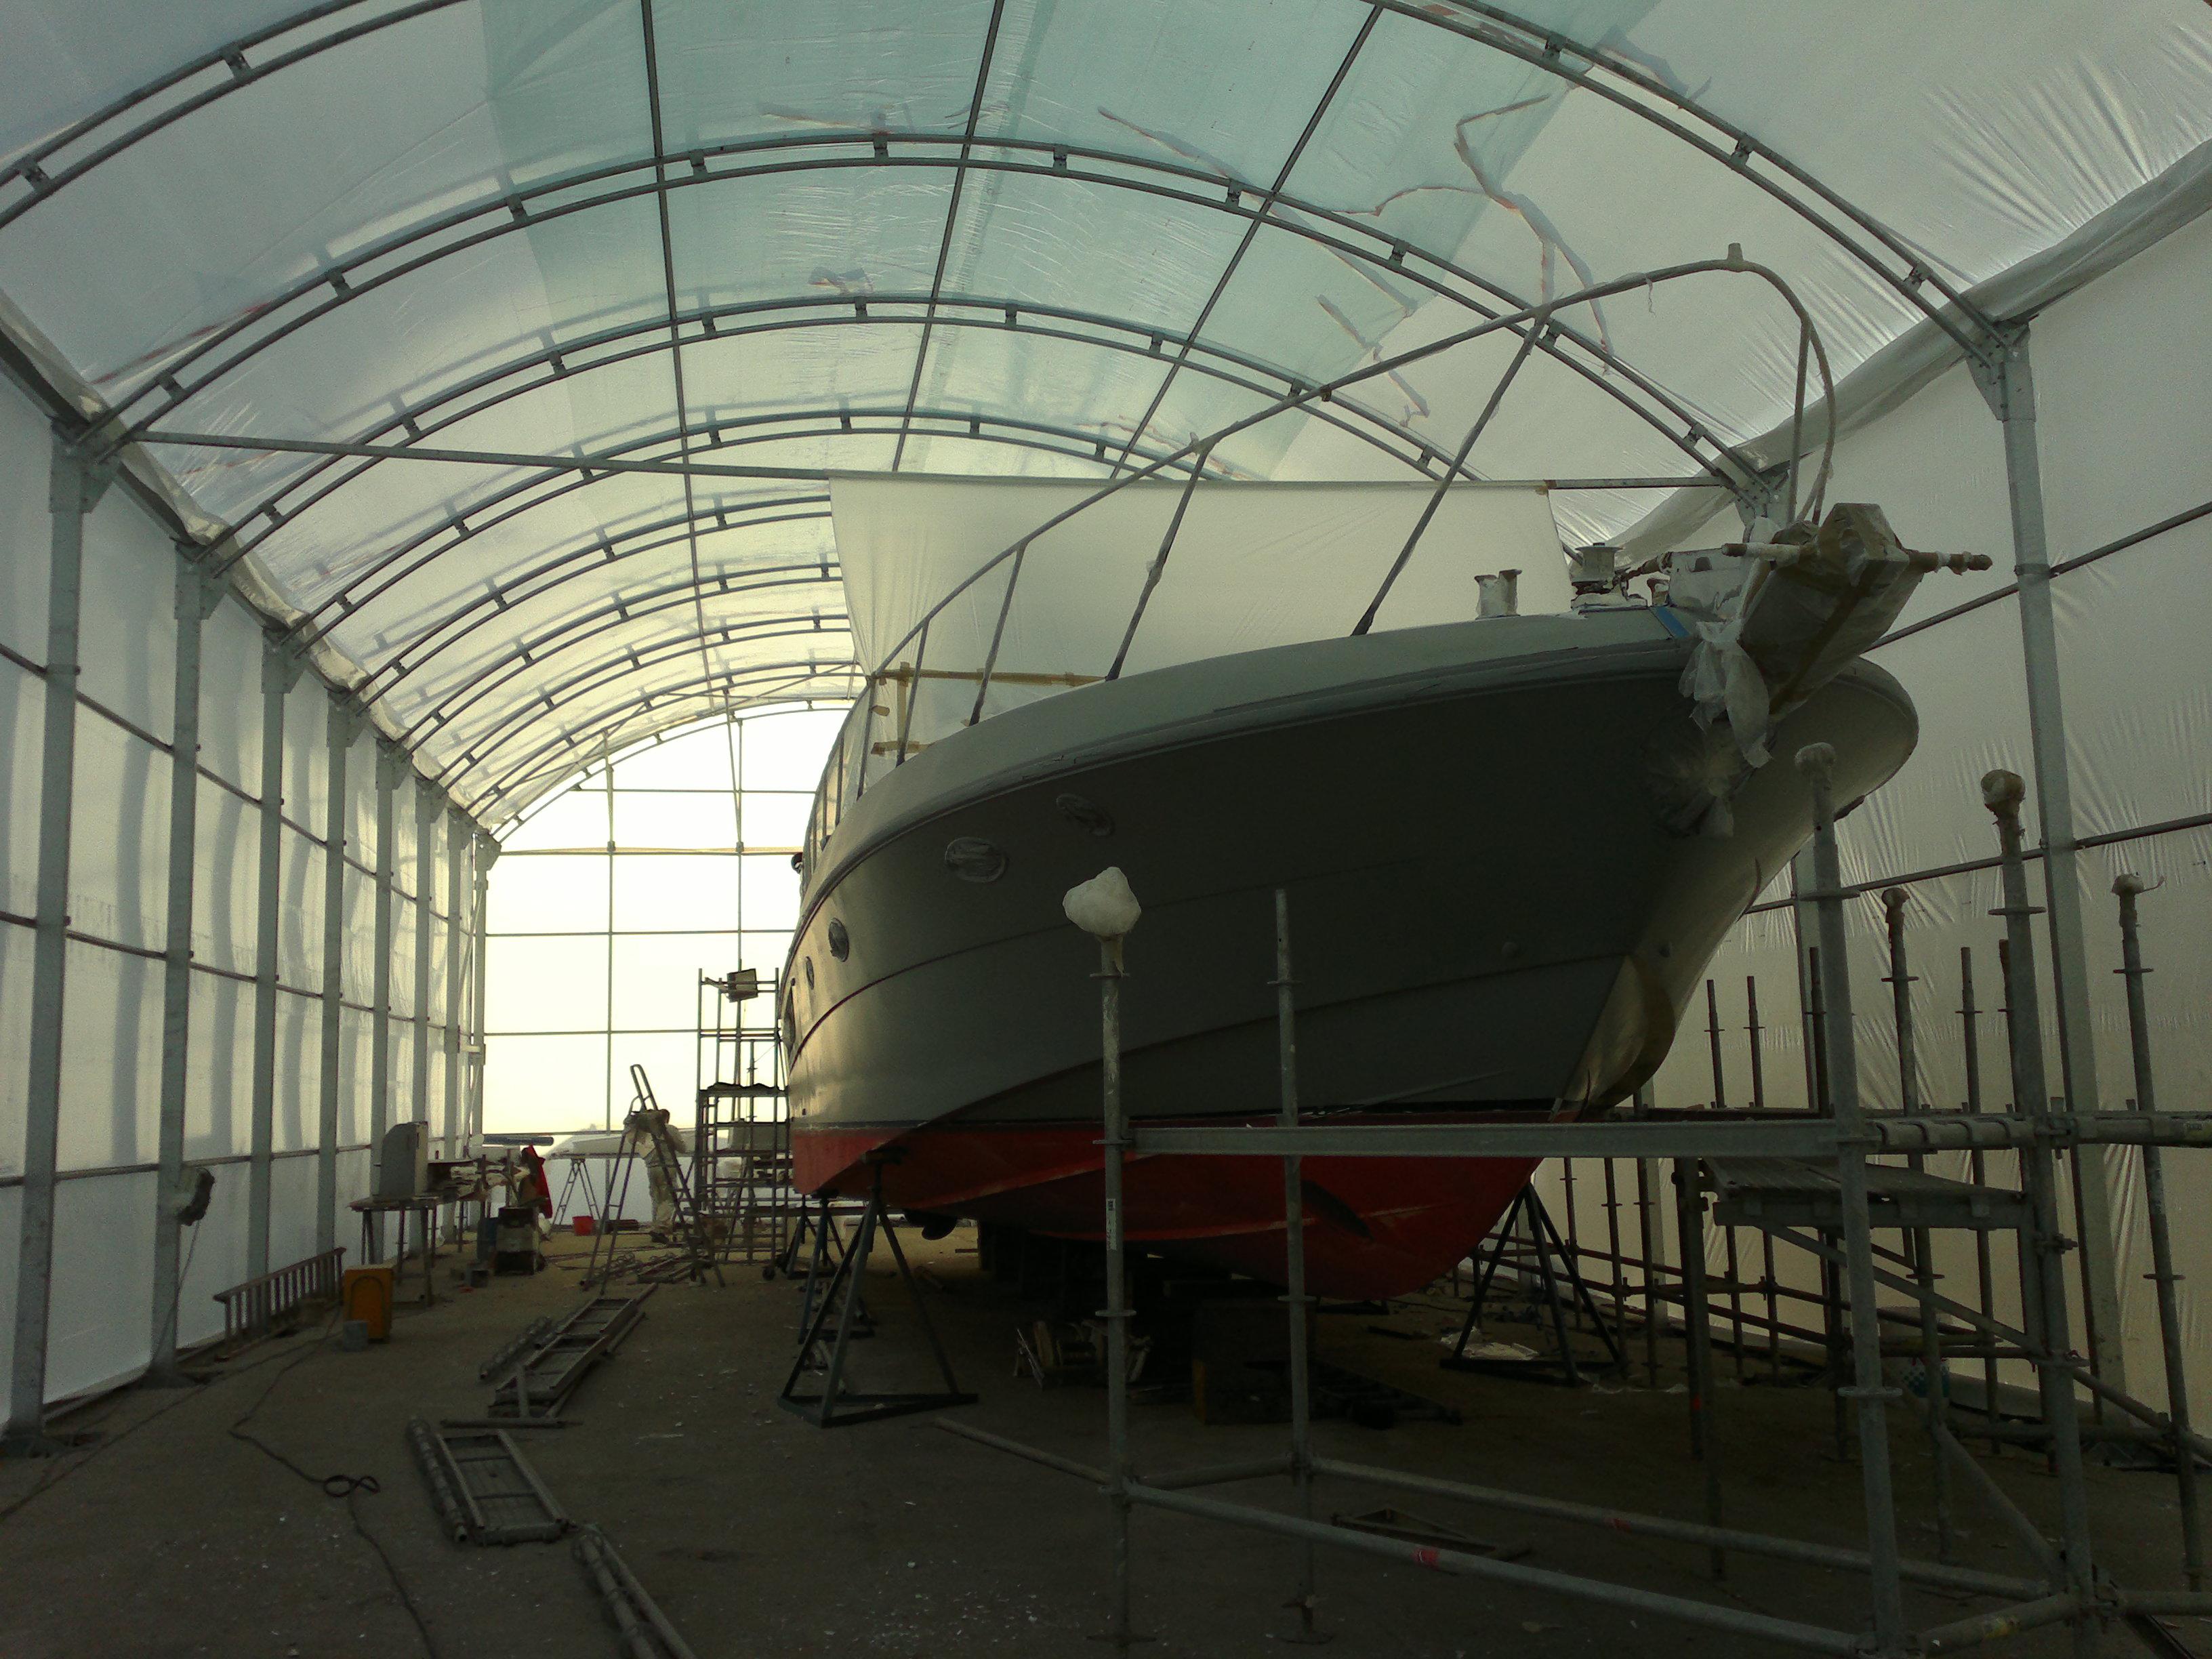 Cabina pintura embarcaciones ingetecnia - Venta de cabinas de pintura ...